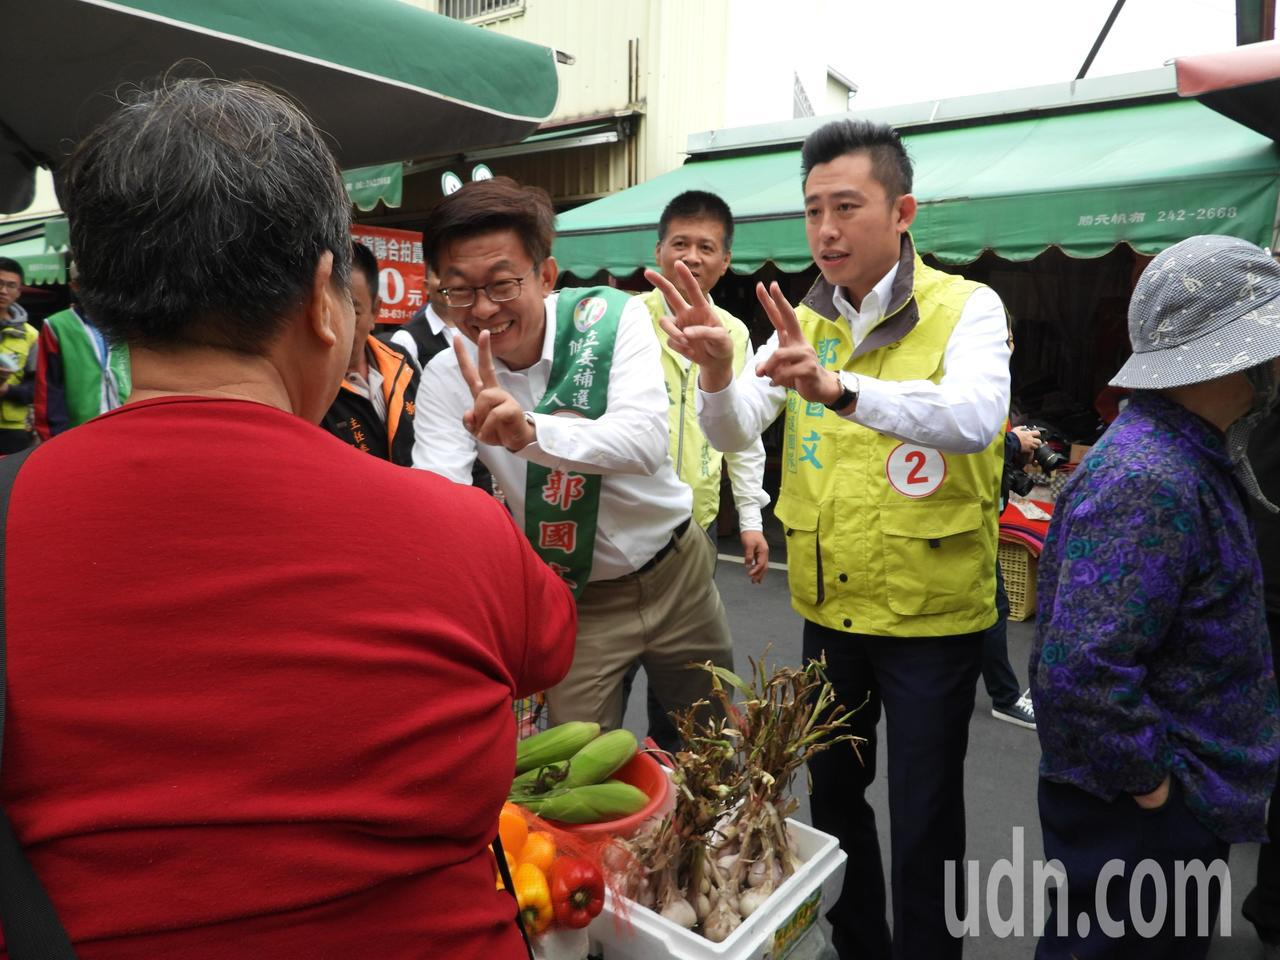 新竹市長林智堅上午陪台南新市為候選人郭國文掃街拉票。記者周宗禎/攝影